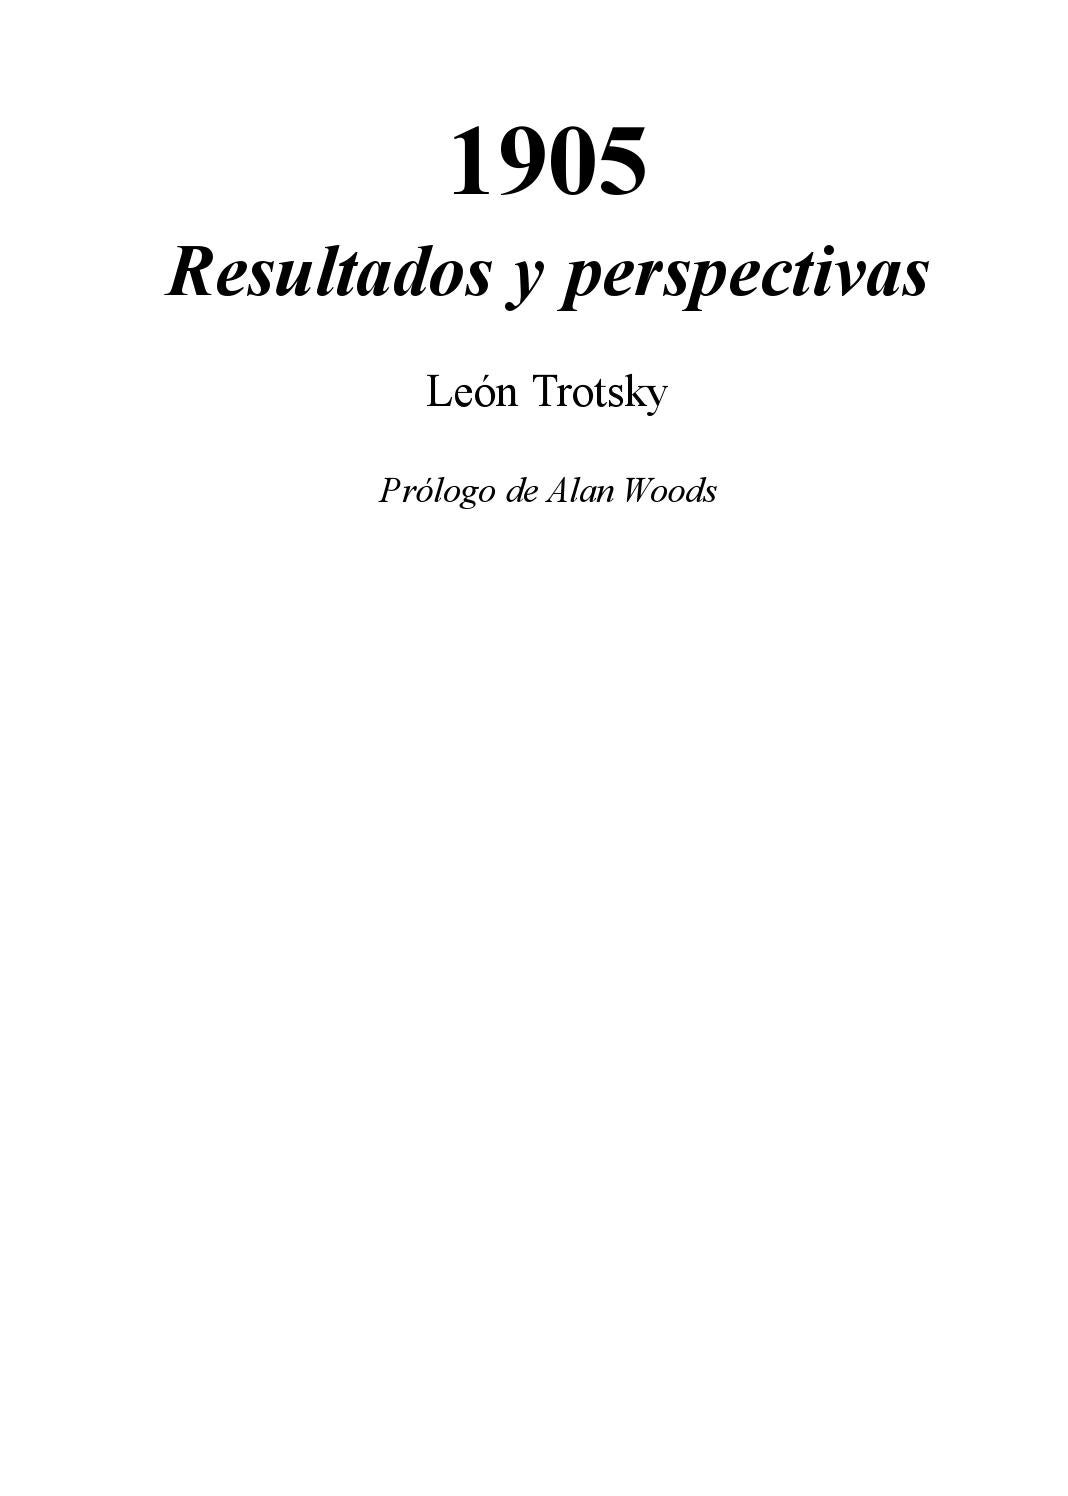 Trotsky 1905 - resultados y perspectivas by Centro de Estudios Socialistas  Carlos Marx - issuu cb0125bb905